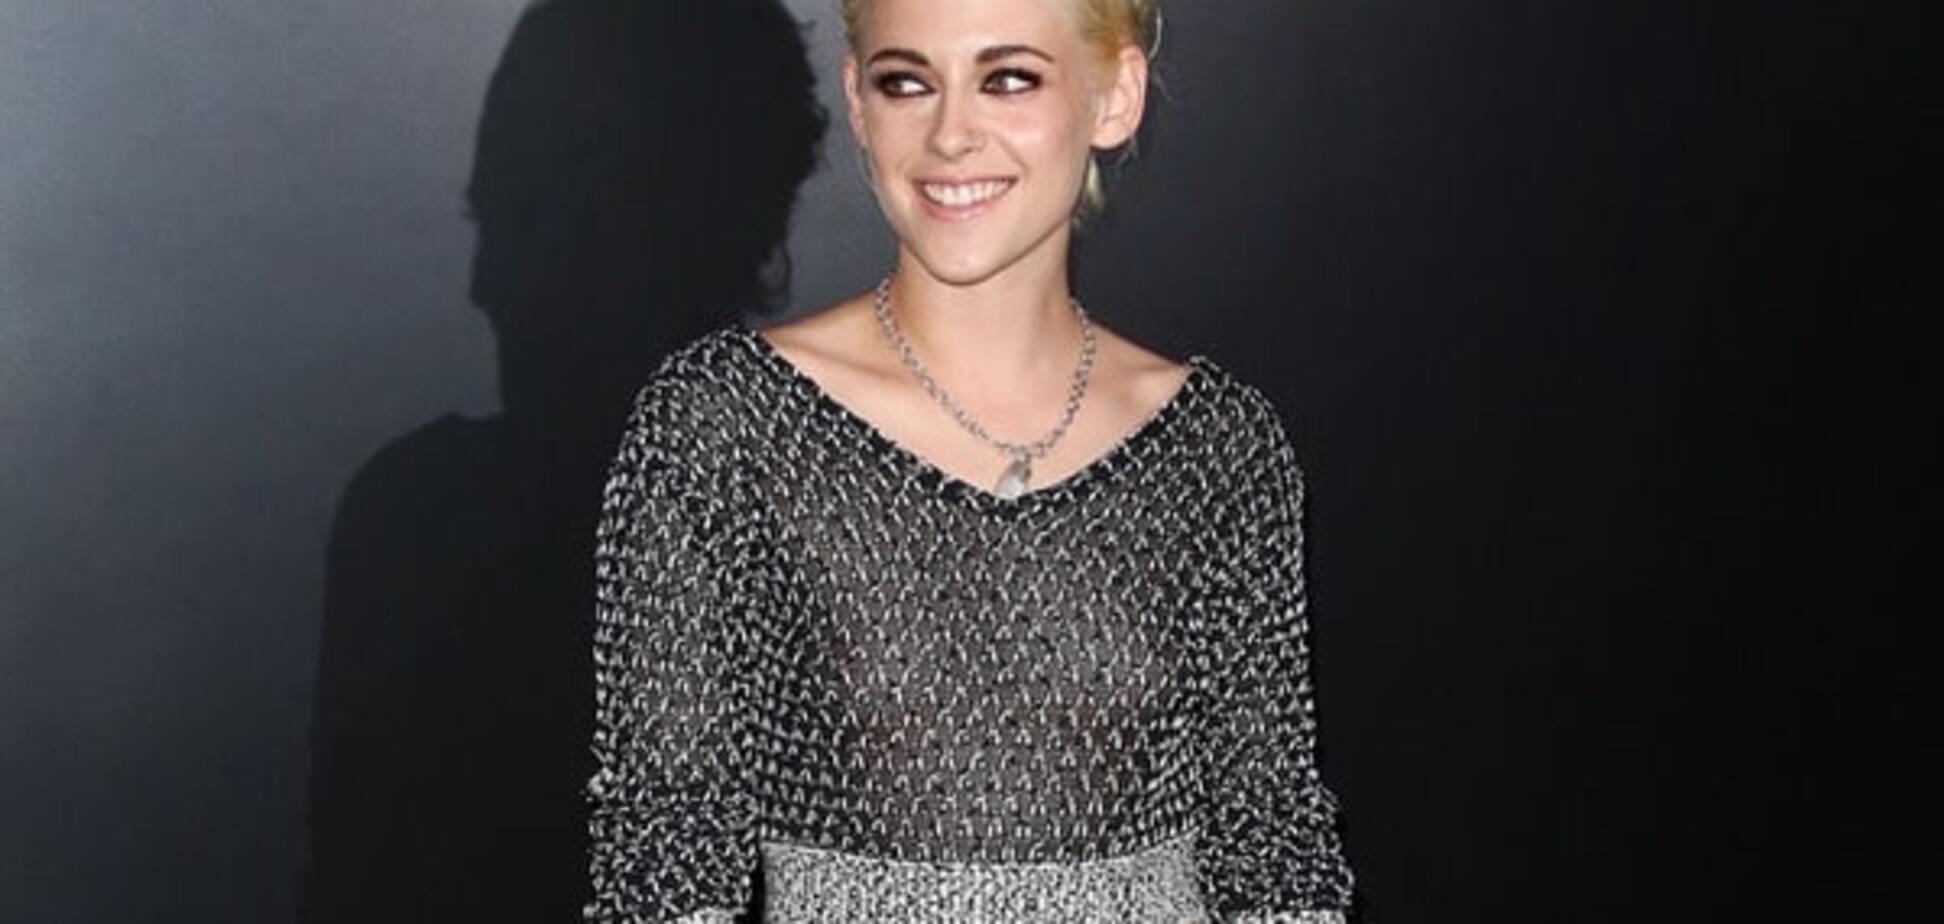 Кристен Стюарт удивила внешним видом на вечере Chanel в Лос-Анджелесе